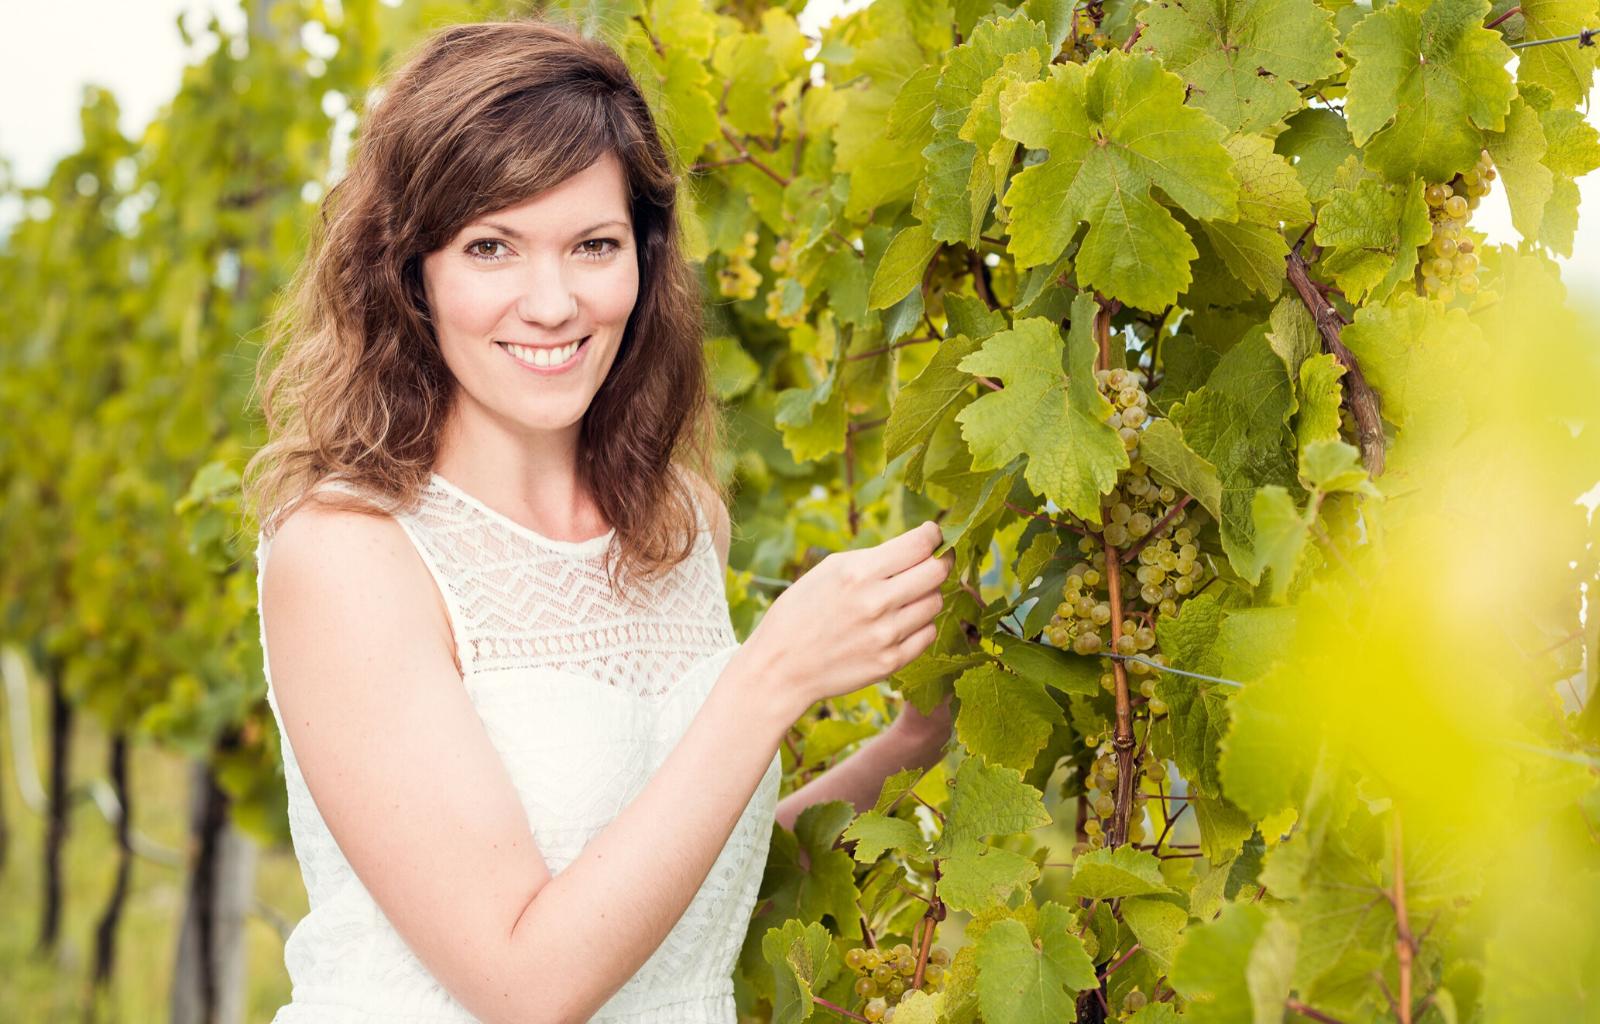 Vinná réva jako největší zdroj antioxidantů